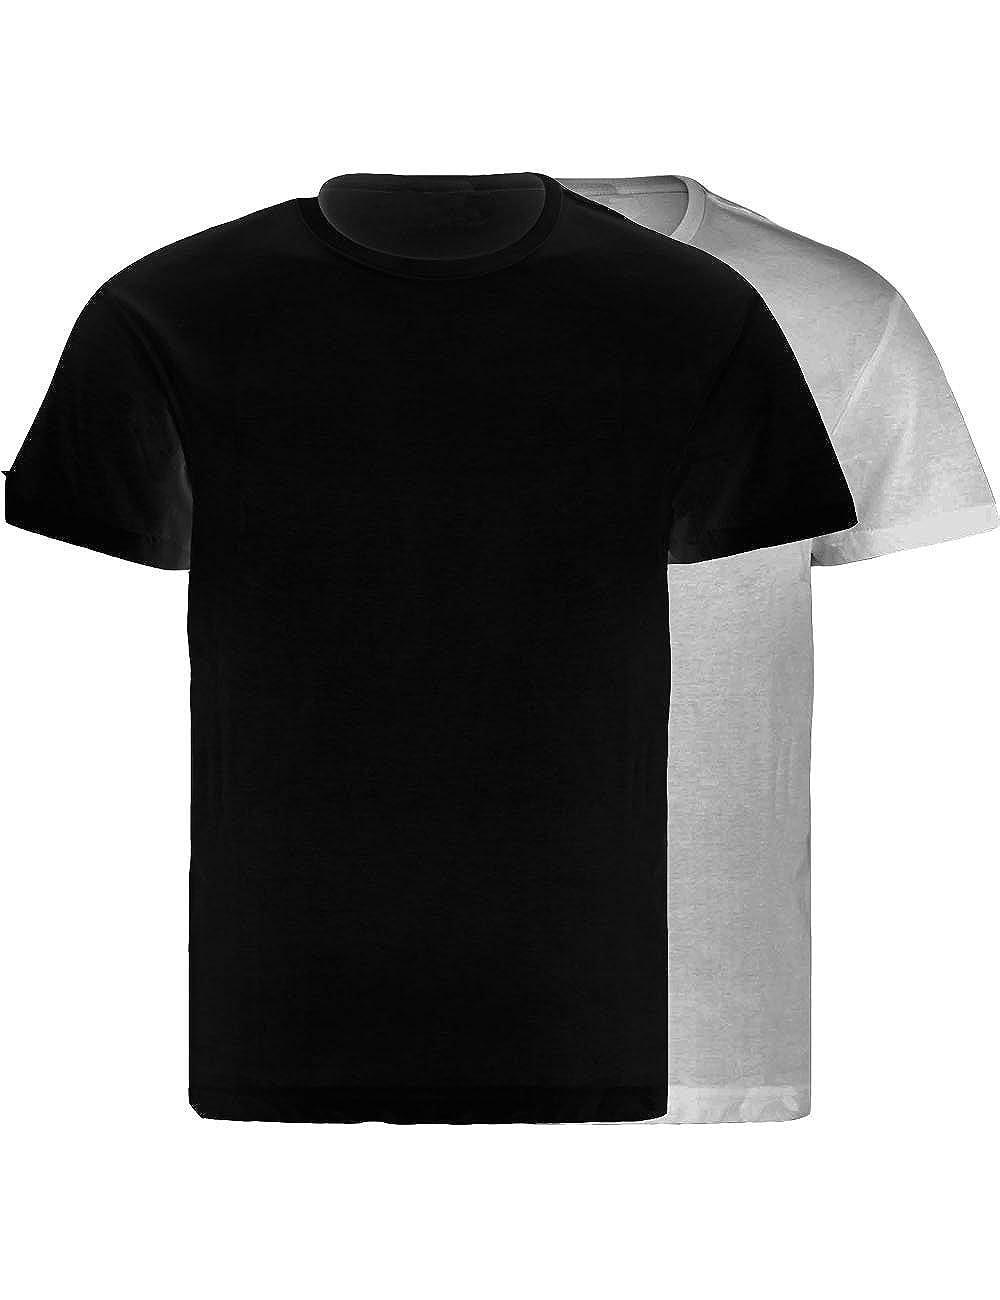 LisaModa Herren Seamless Unterhemd 2er Pack T-Shirt Baumwolle Feinripp LM4219